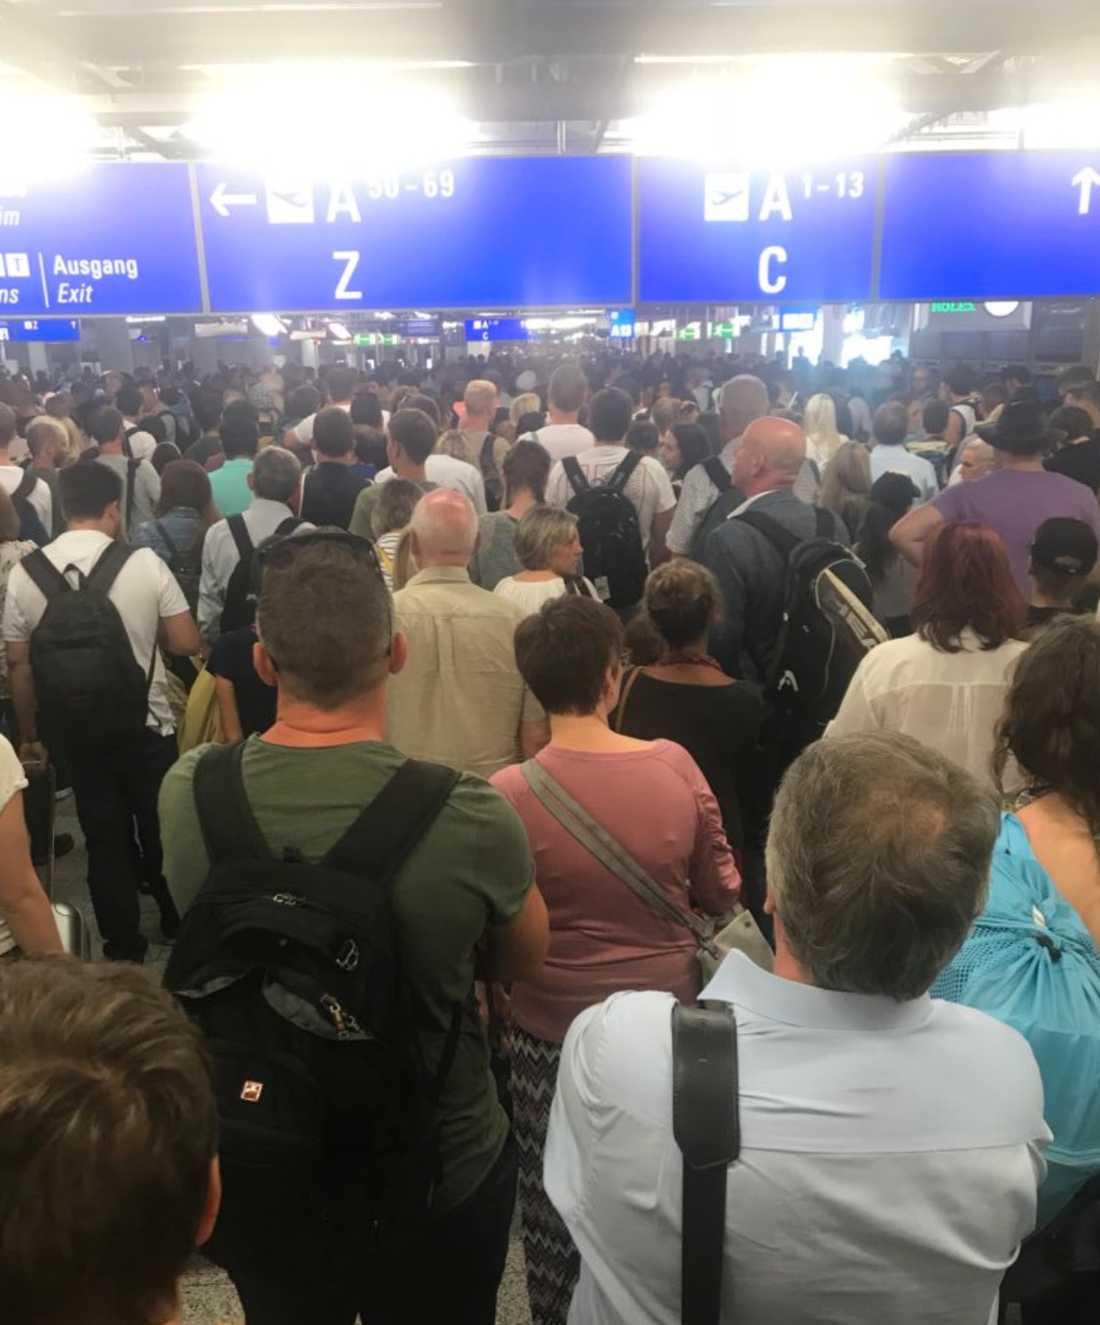 Delar av flygplatsen i Frankfurt utryms.